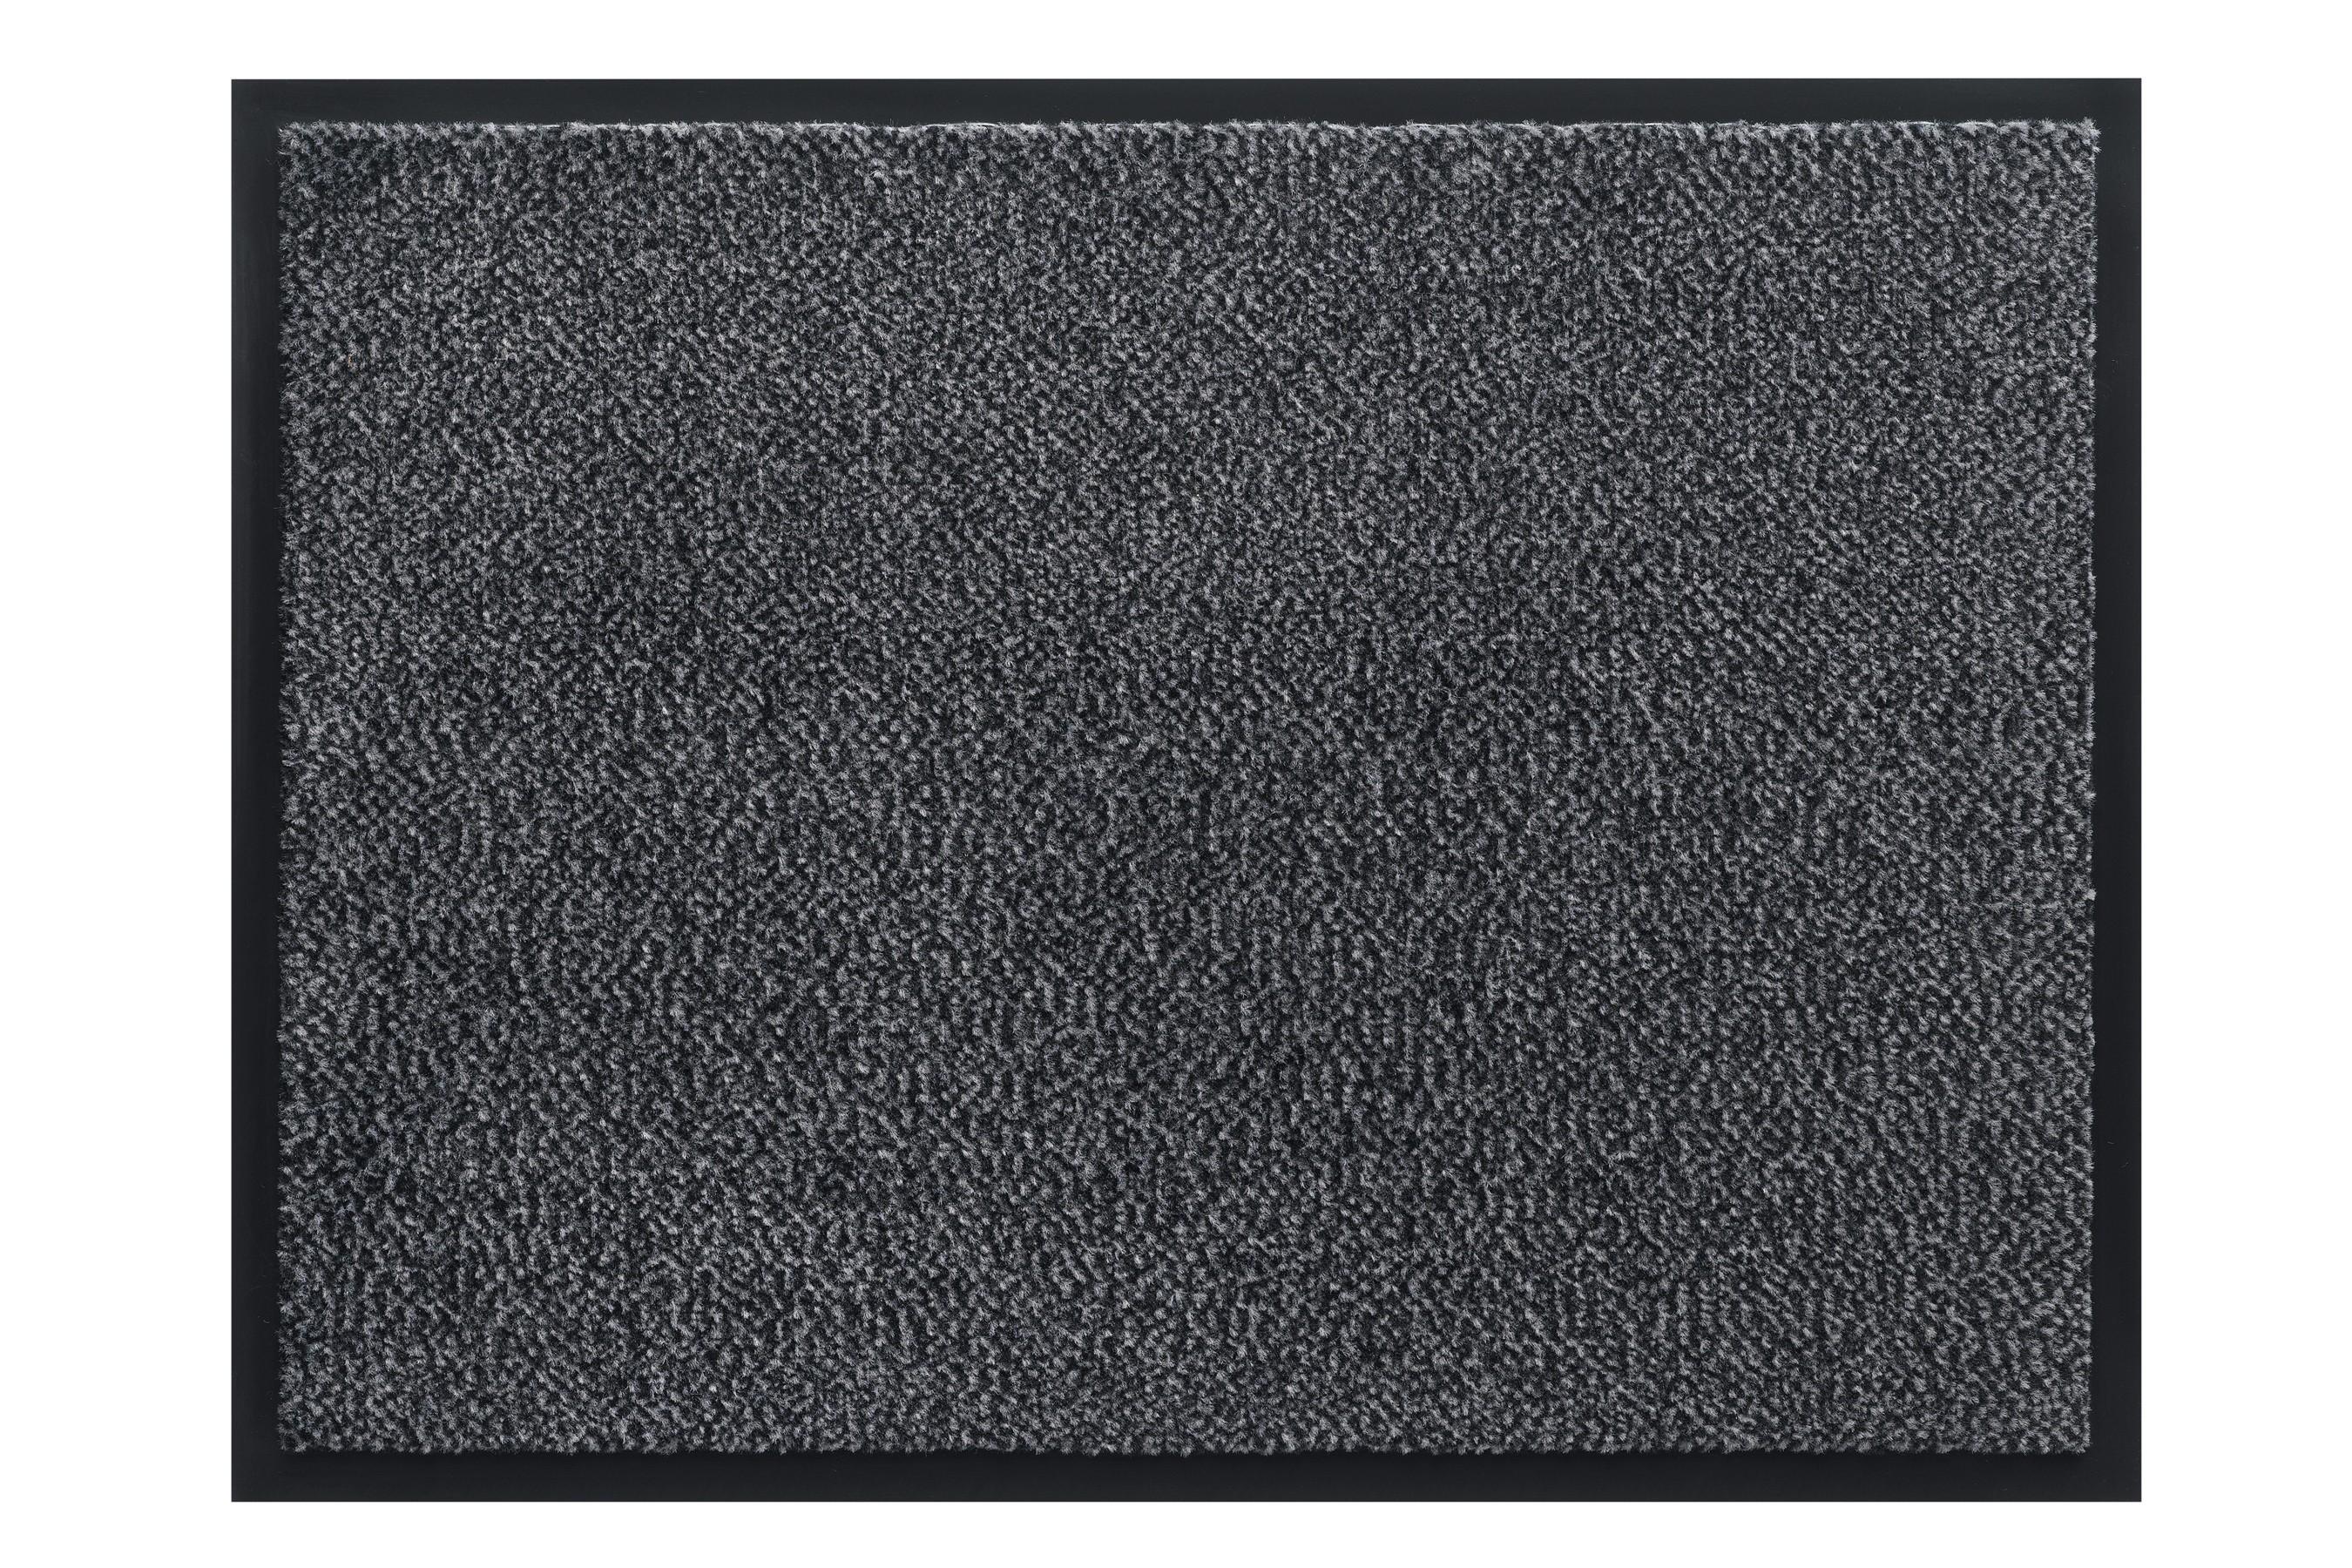 Hamat Schmutzfangmatte Mars 80x120cm anthracite Bild 1